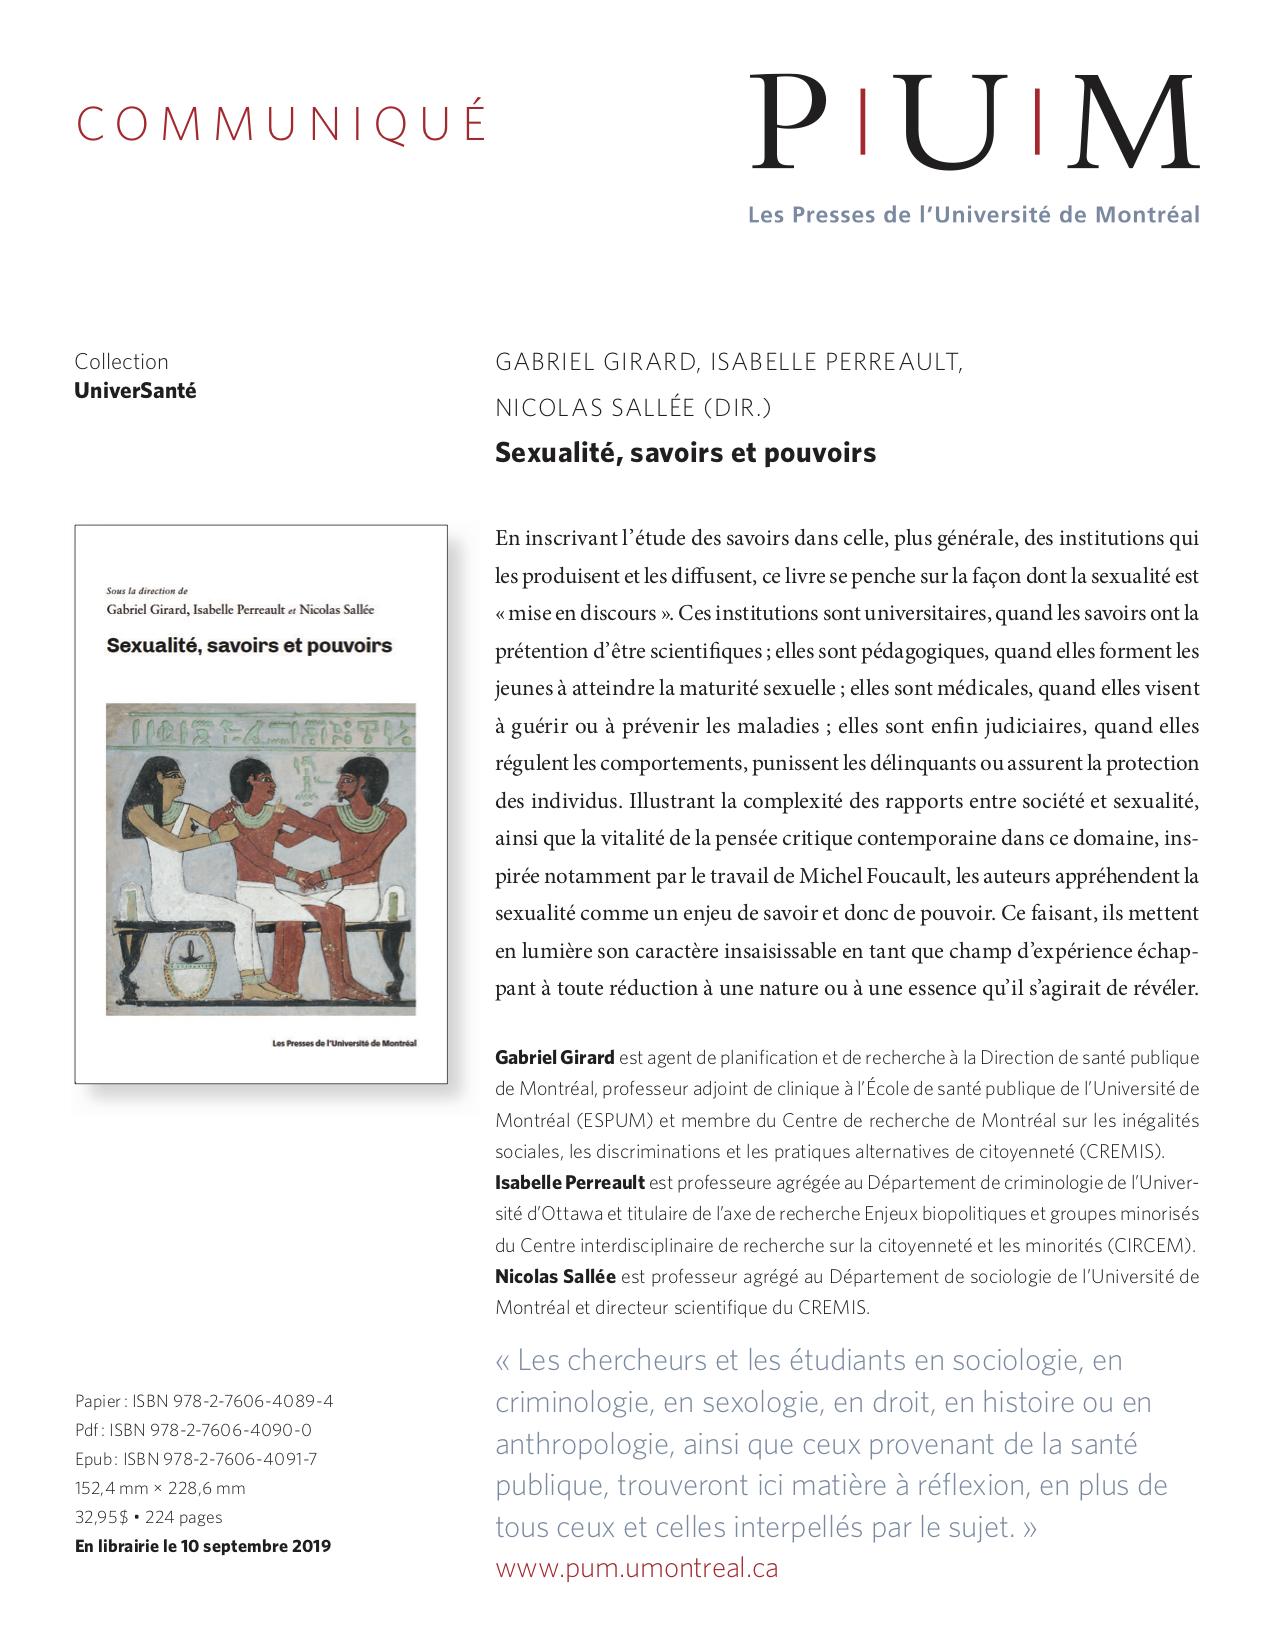 Sexualité, savoirs et pouvoirs[1] copy.jpg